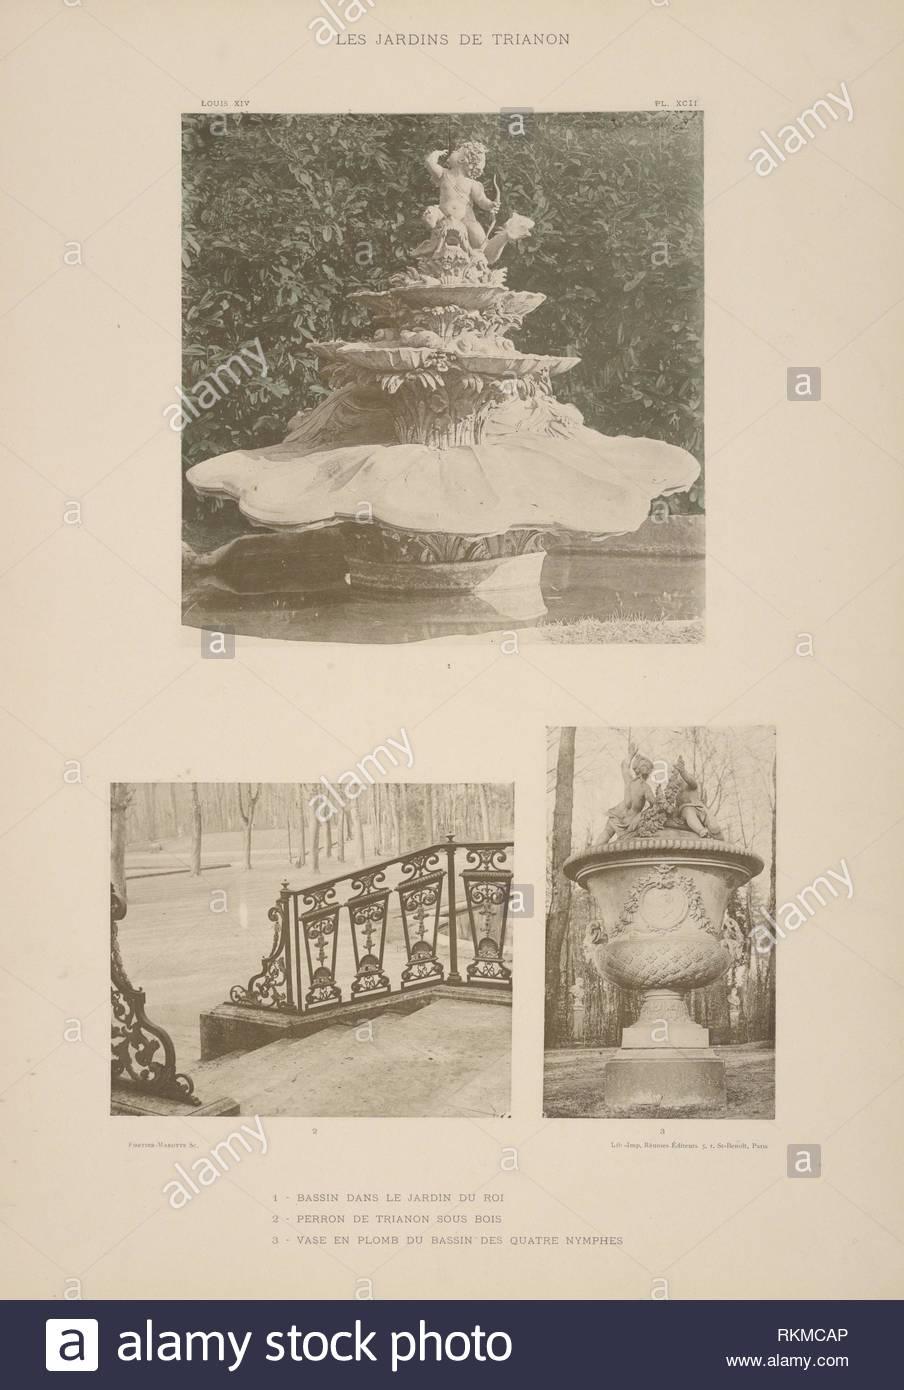 1 bassin dans le jardin du roi 2 perron de trianon sous bois 3 vase en plomb du bassin des quatre nymphes additional title 1 pool in the RKMCAP